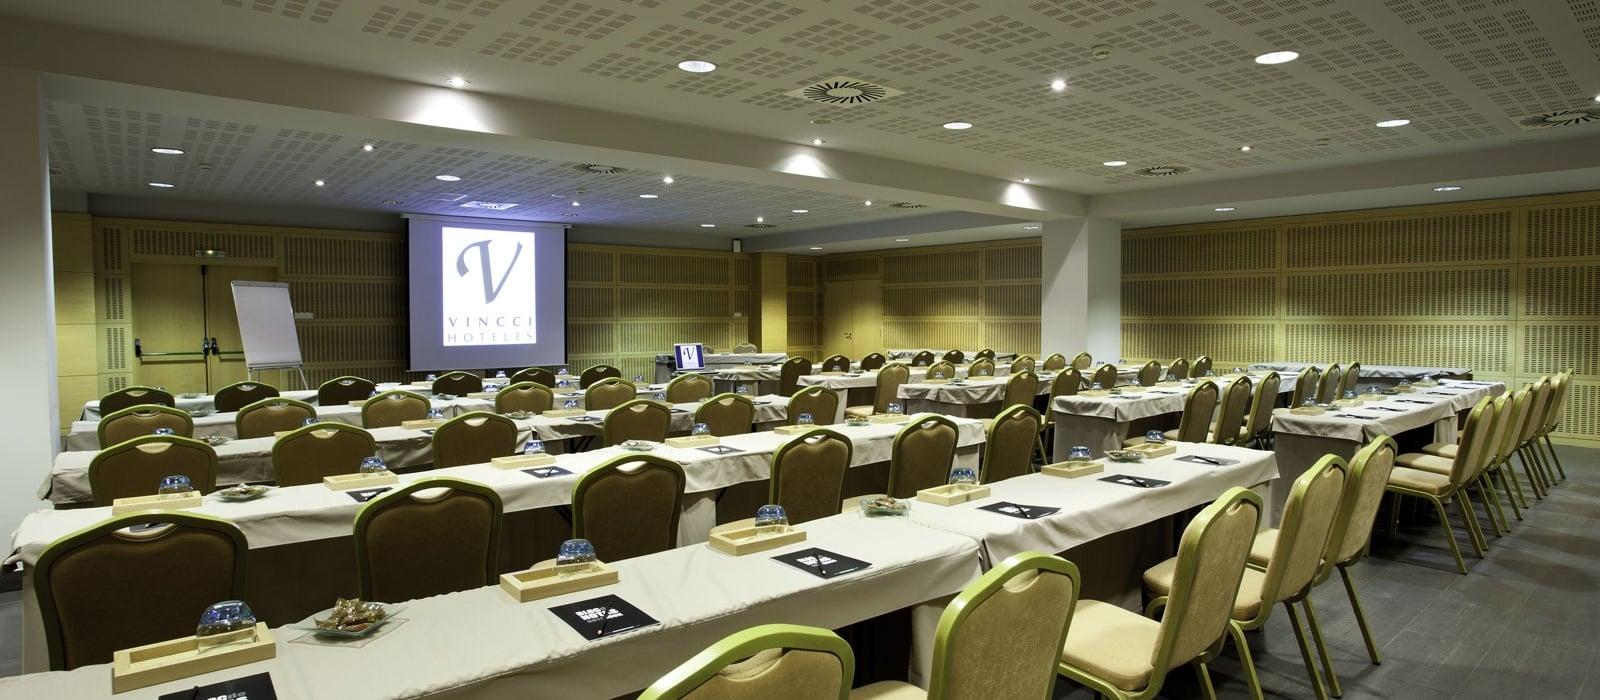 Groupes et conventions - Vincci Marítimo